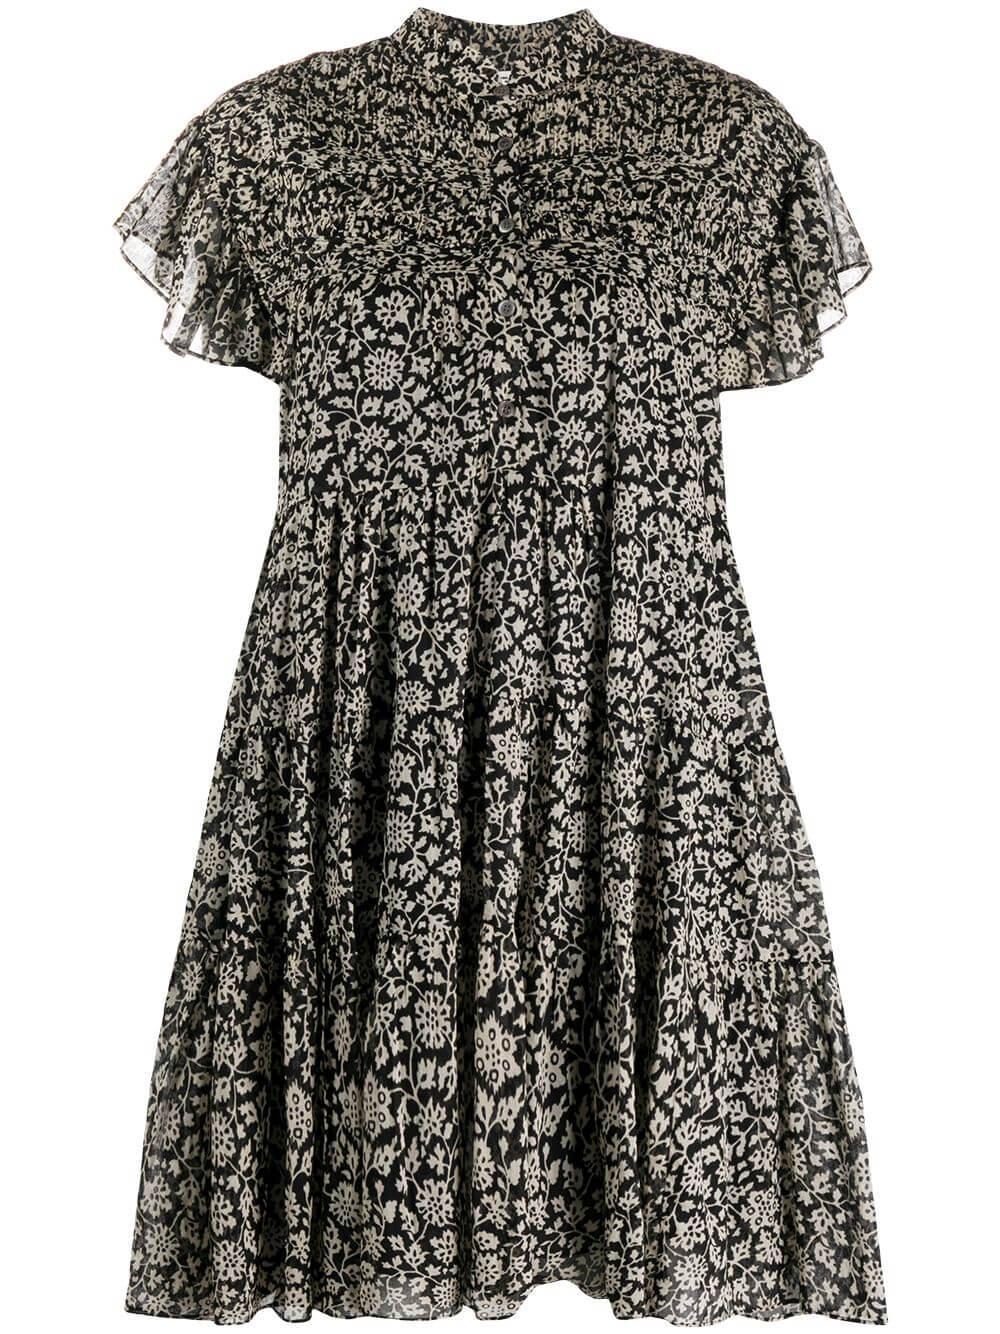 Lanikaye Printed Cotton Voile Dress